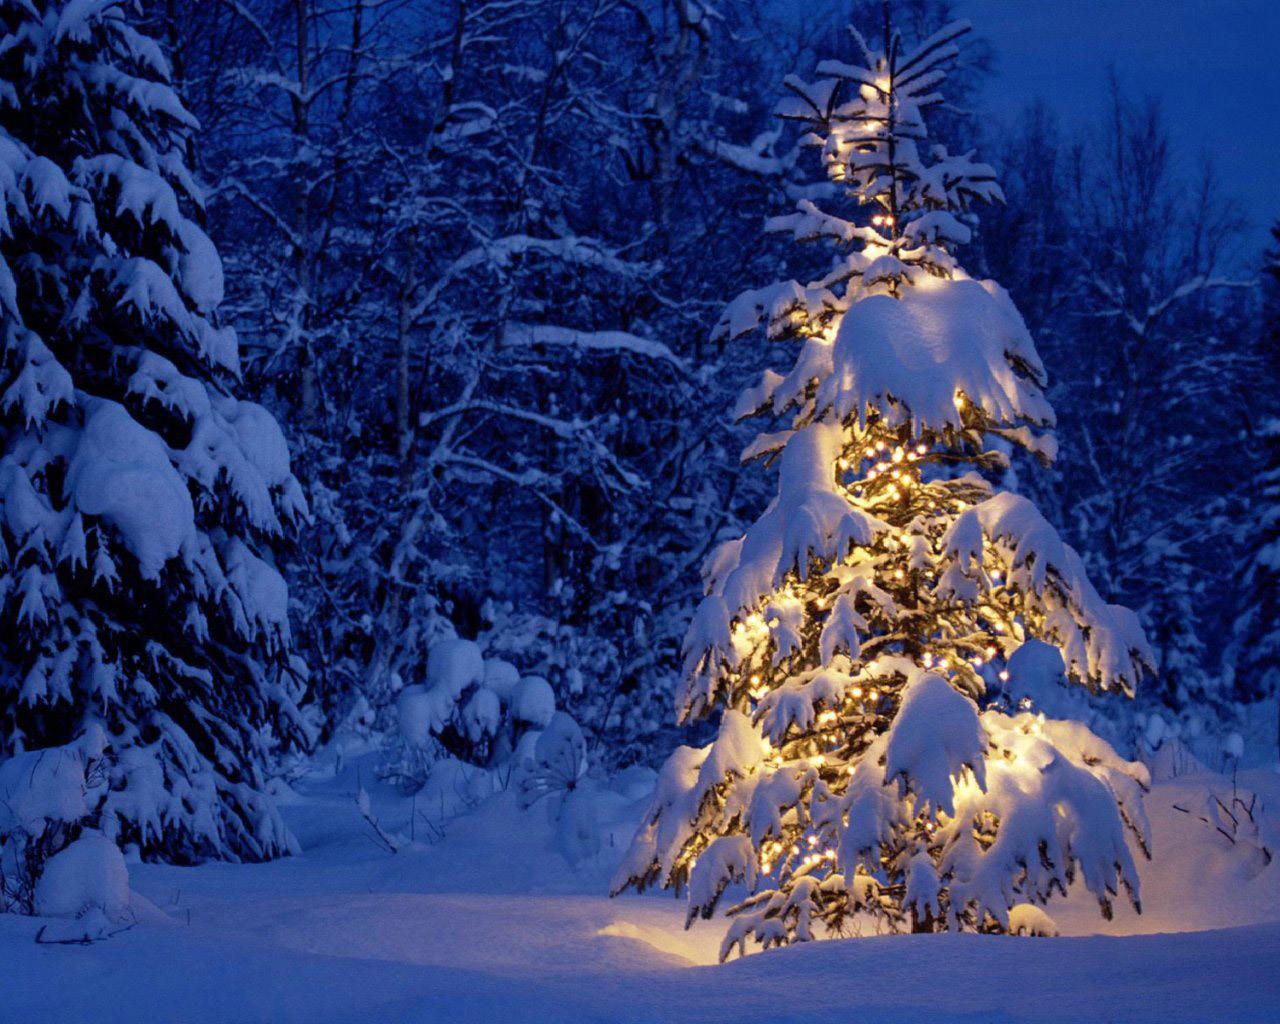 20120 télécharger le fond d'écran Fêtes, Hiver, Nouvelle Année, Neige, Sapins, Noël - économiseurs d'écran et images gratuitement